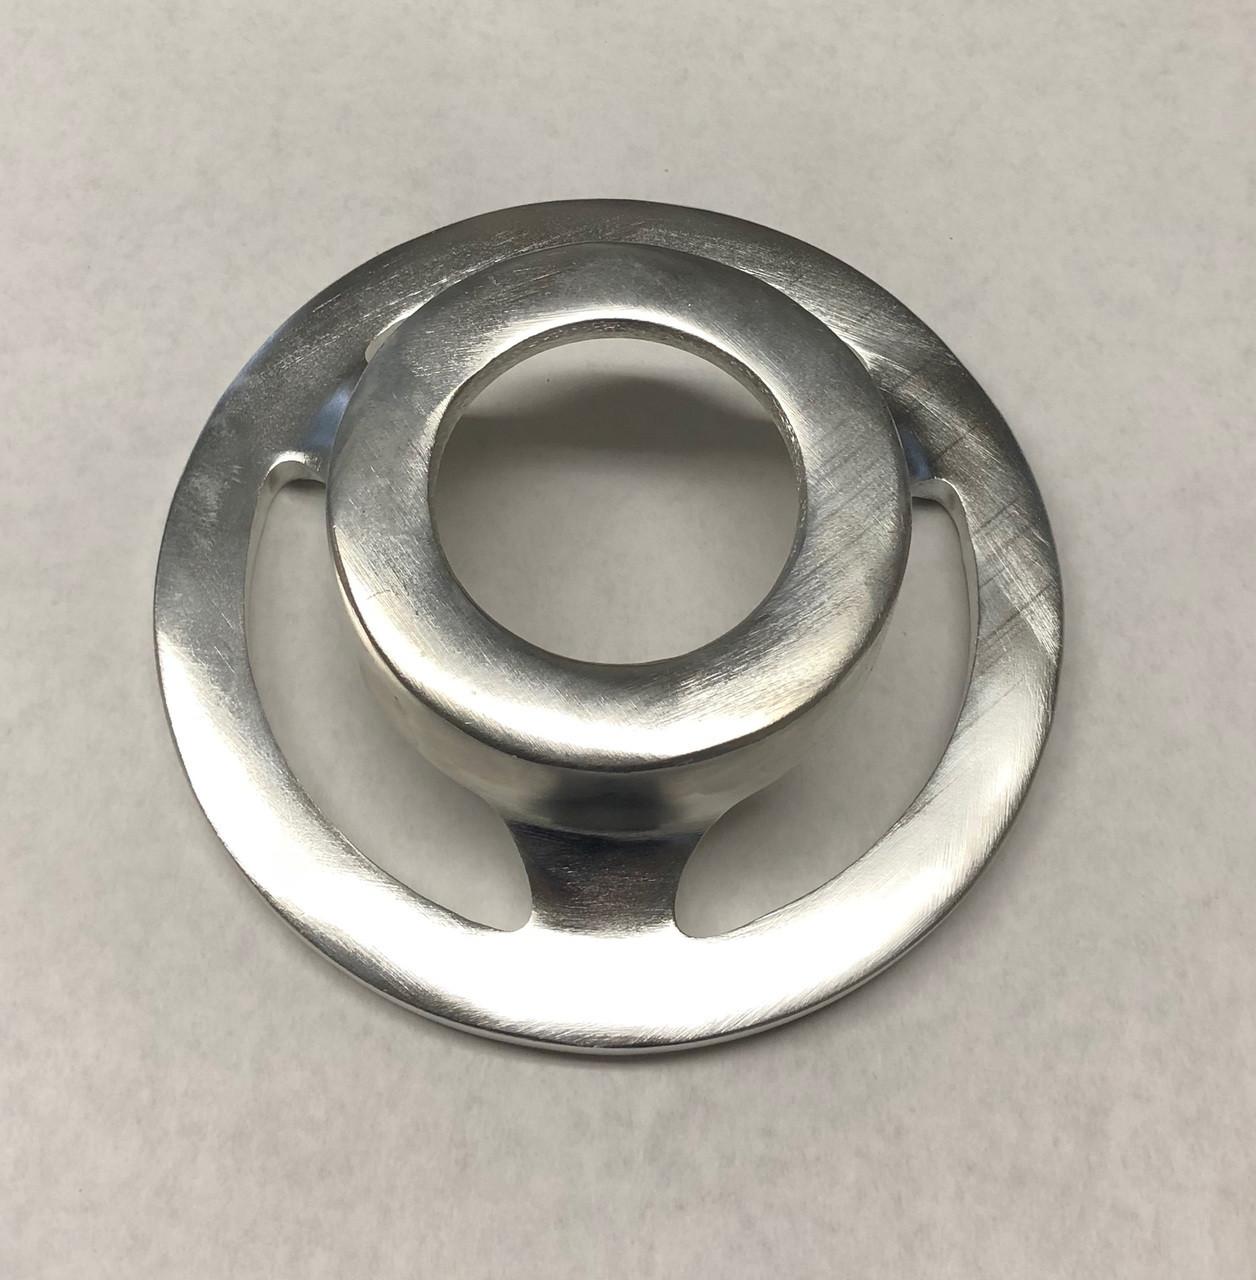 TorRey #22 Ring - 05-70383